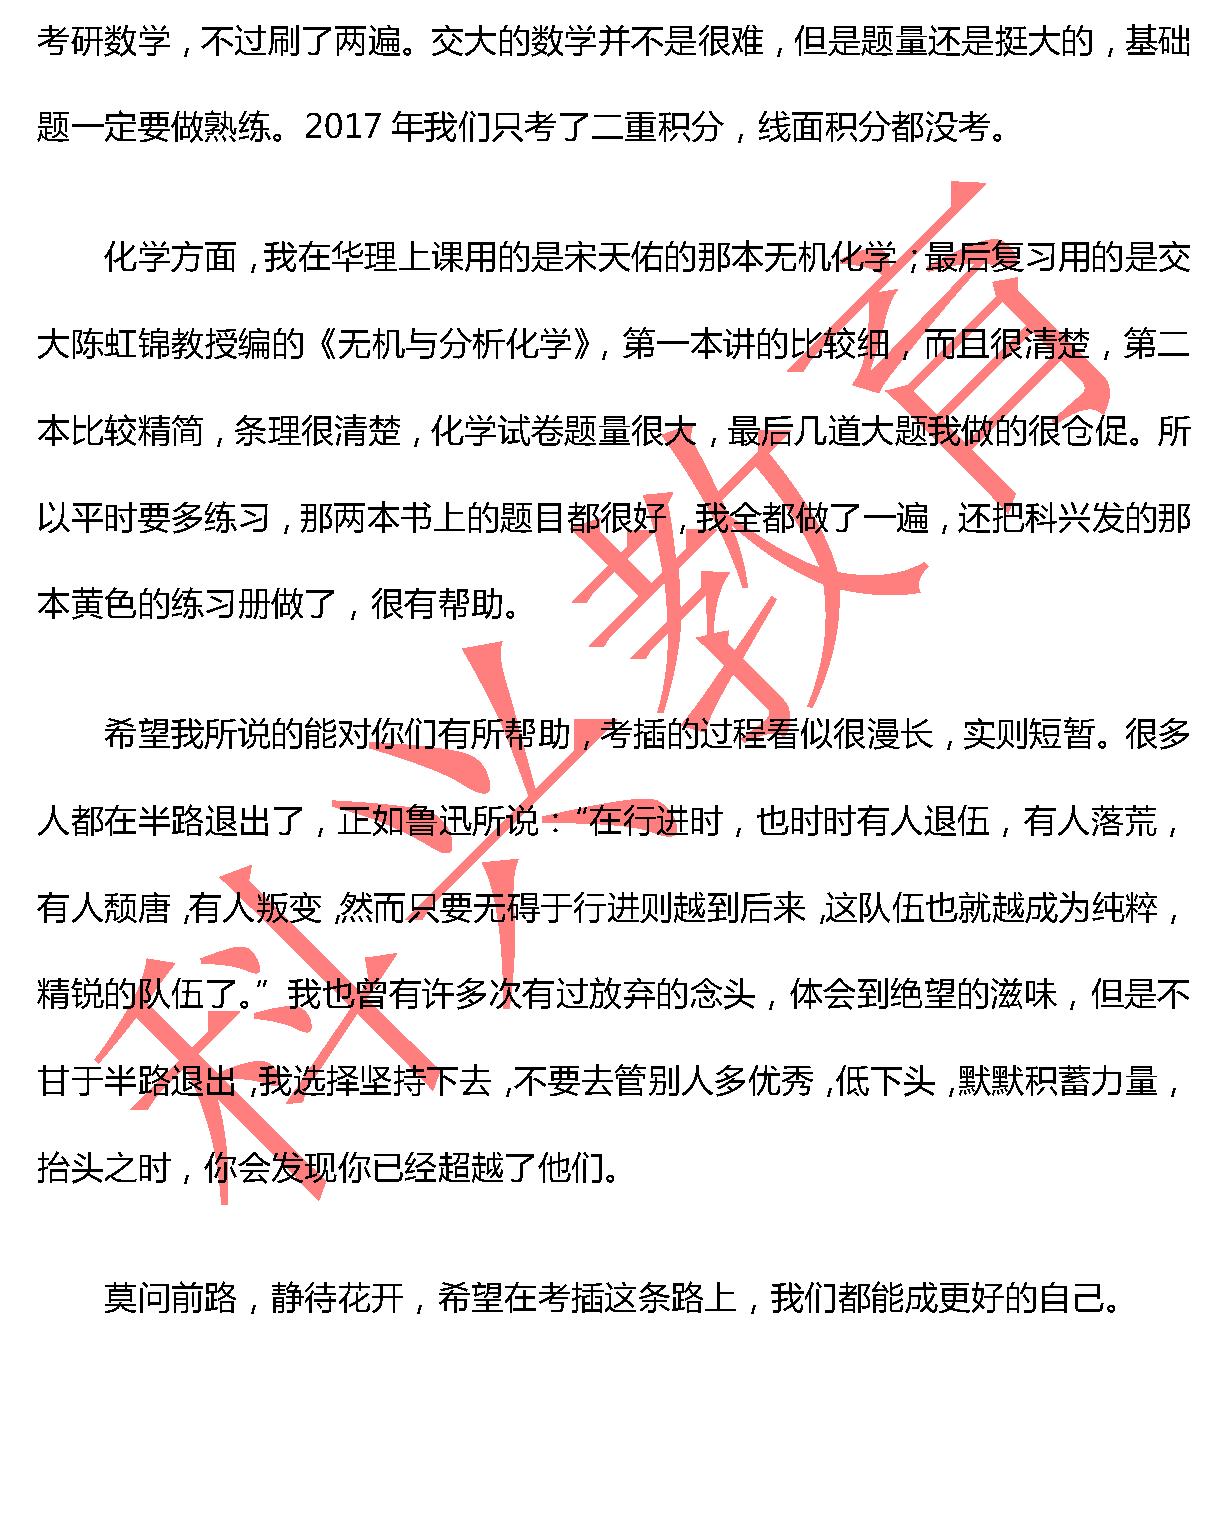 交大王训辉:莫问前路,静待花开(17届)